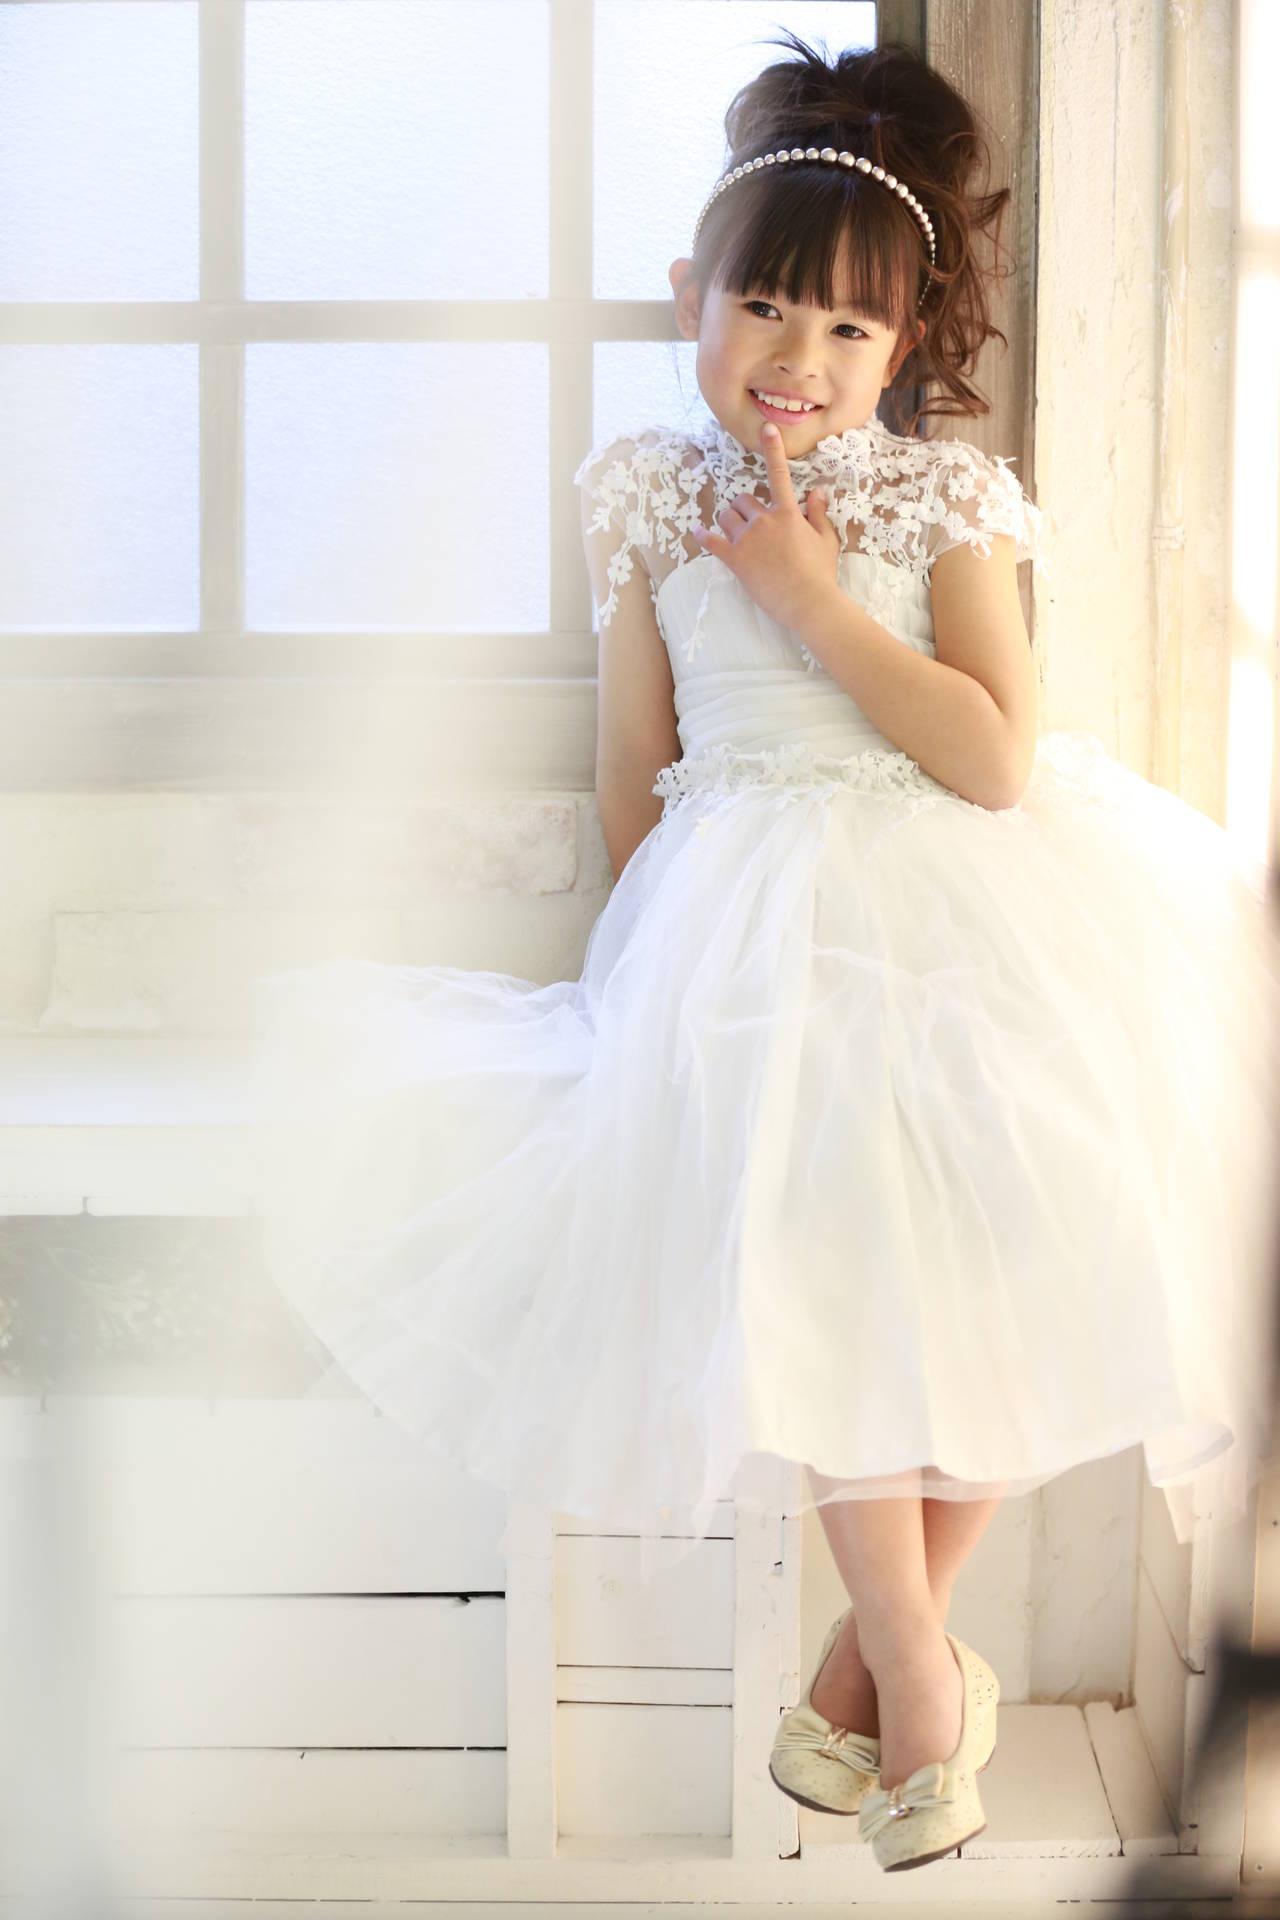 62fbcf05297bd 七五三で着物以外の衣装おすすめ! 7歳ドレス編  ライフスタジオ越谷店 ...